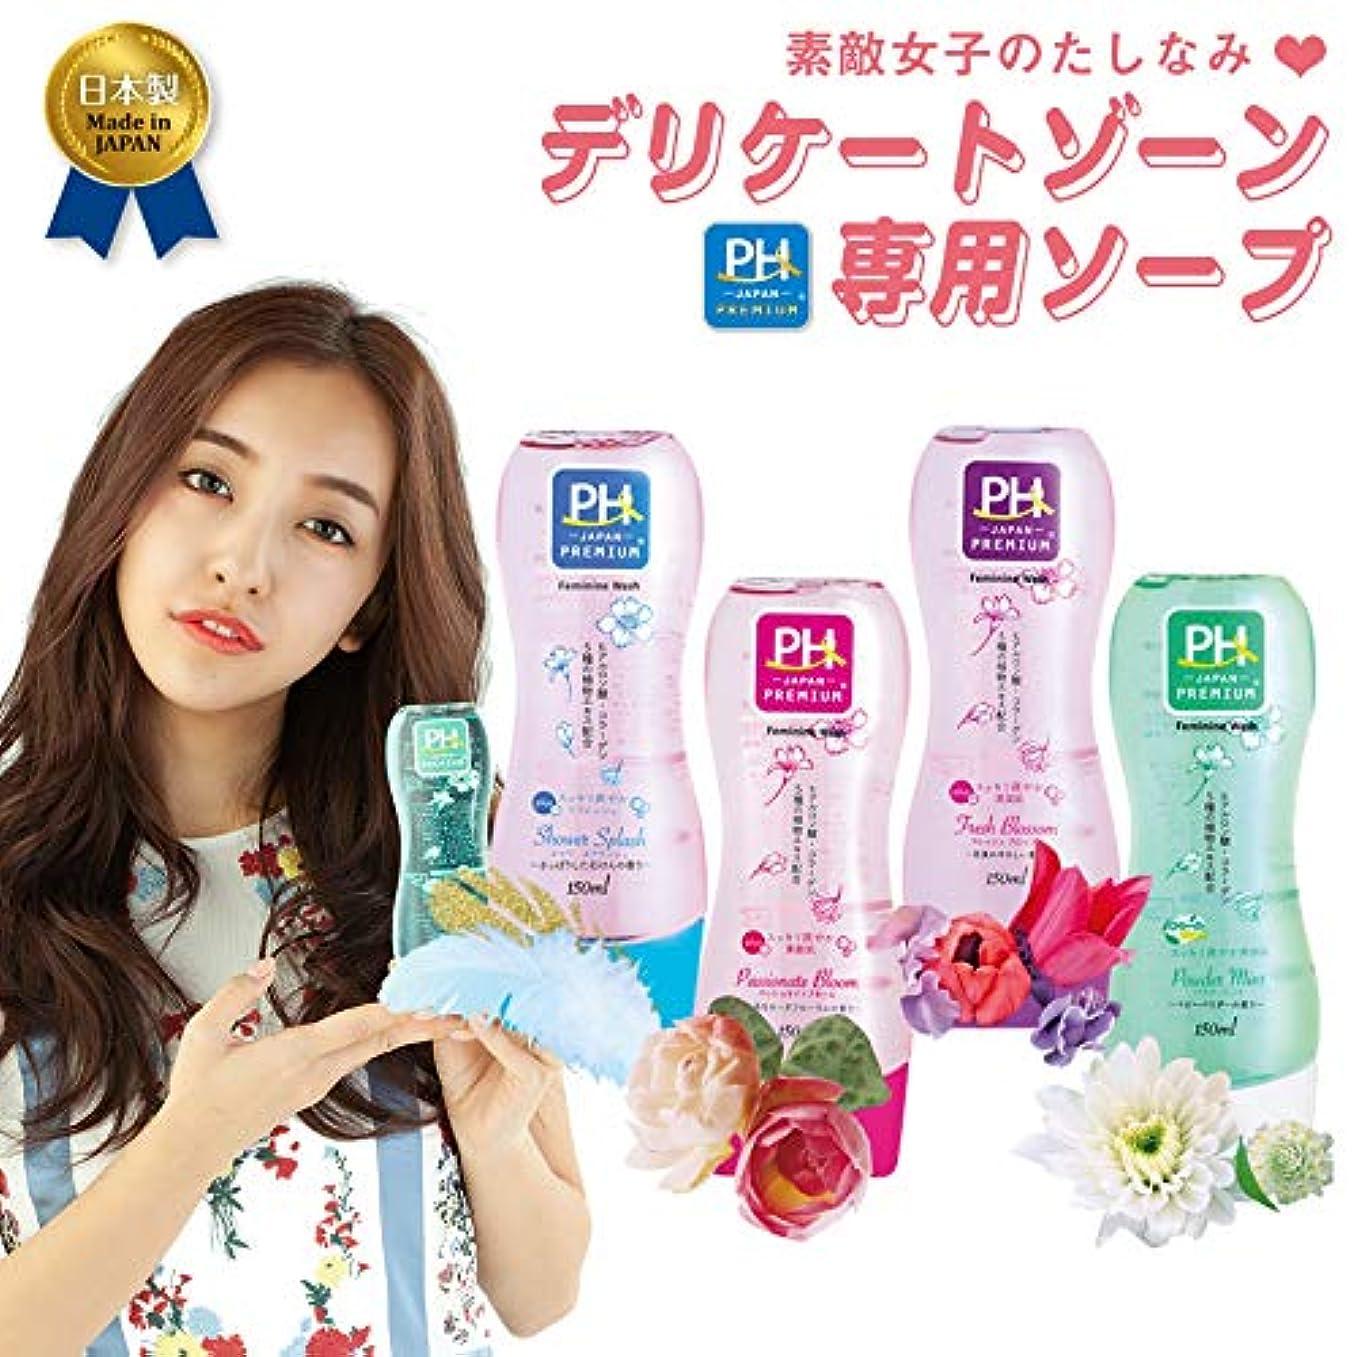 ファシズム楕円形トロリーバスフレッシュブロッソム2本セット PH JAPAN フェミニンウォッシュ 花束のやさしい香り